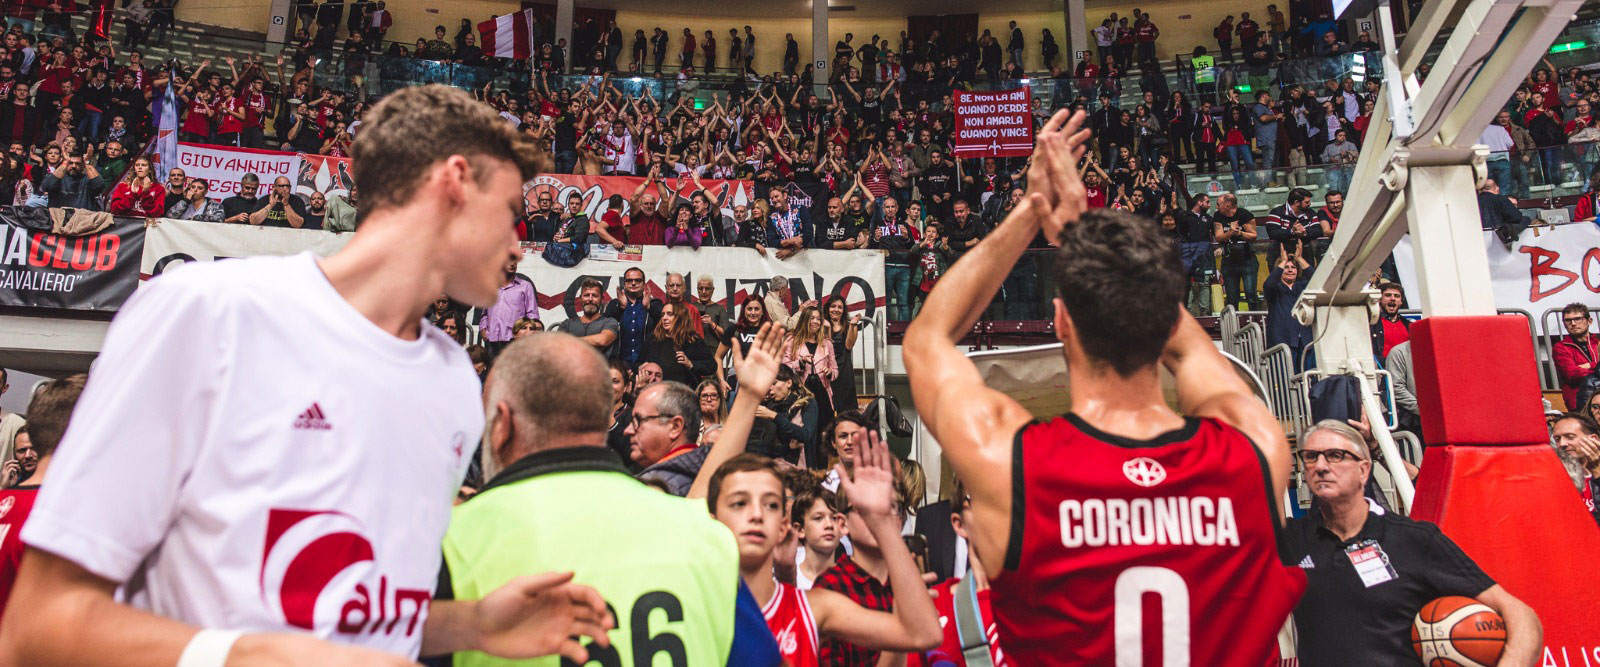 L'applauso di capitan Coronica alla curva - foto Ufficio Stampa Alma Pallacanestro Trieste